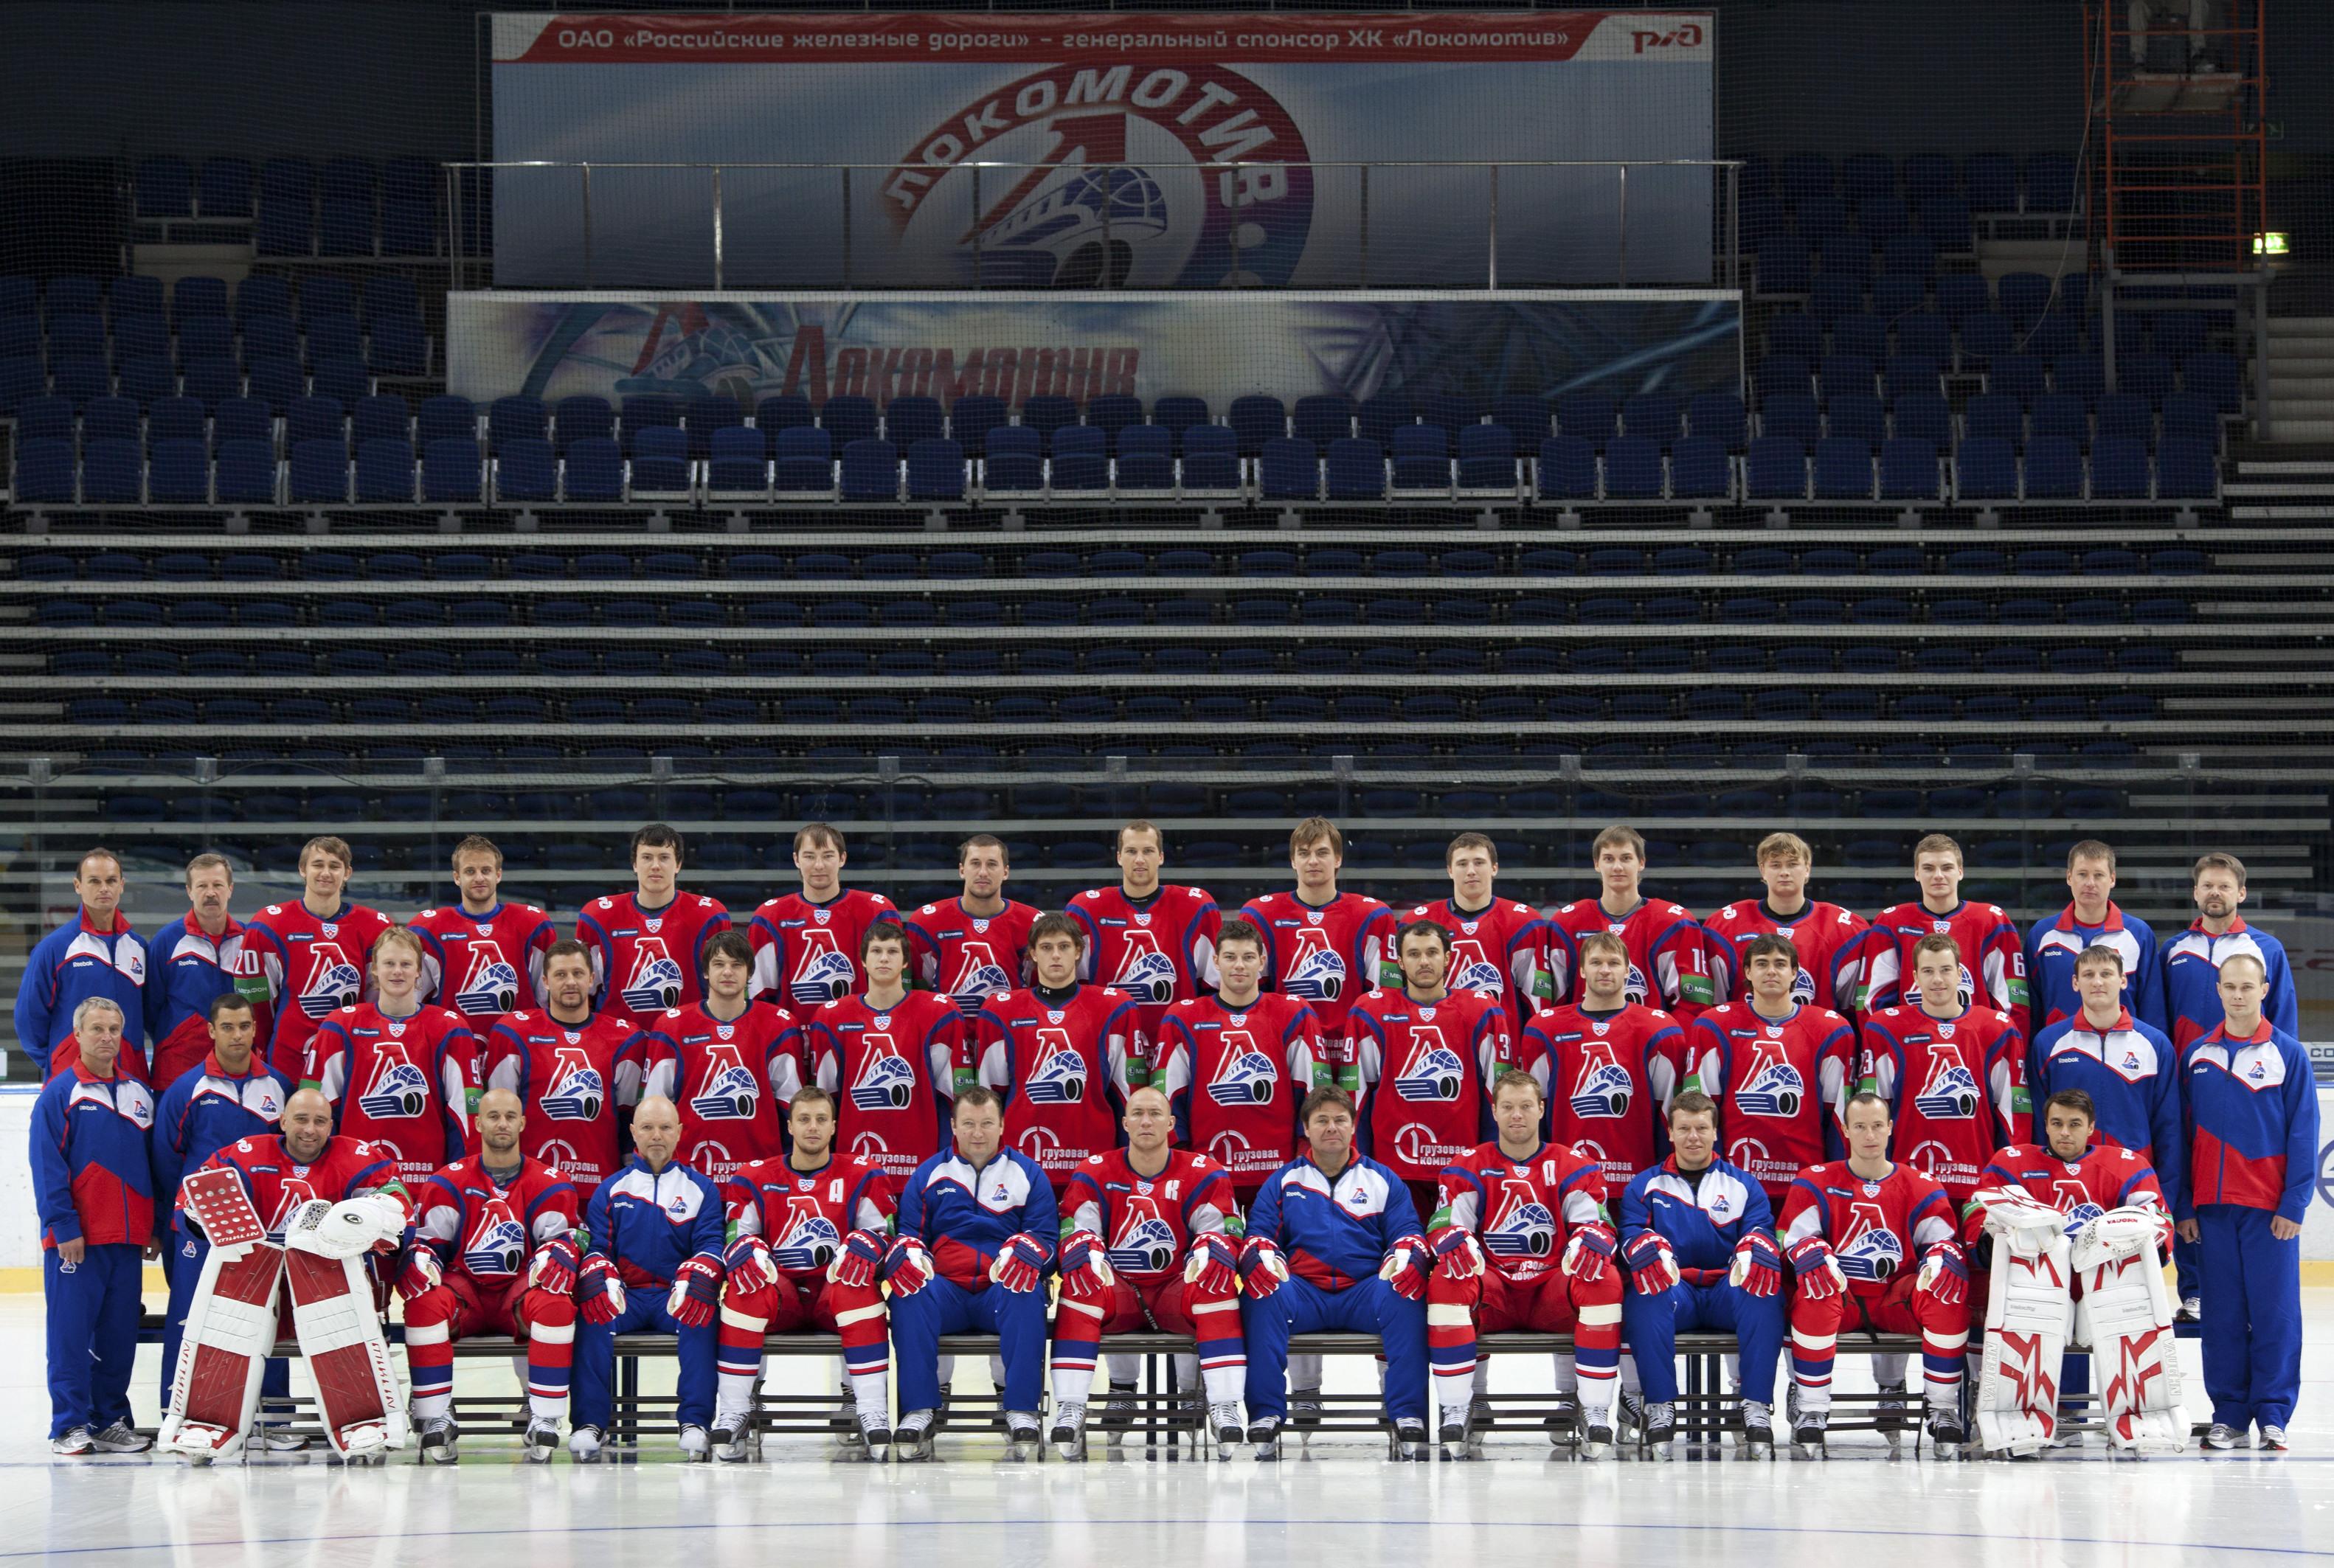 Фото погибших хоккеистов ярославля в авиакатастрофе 6